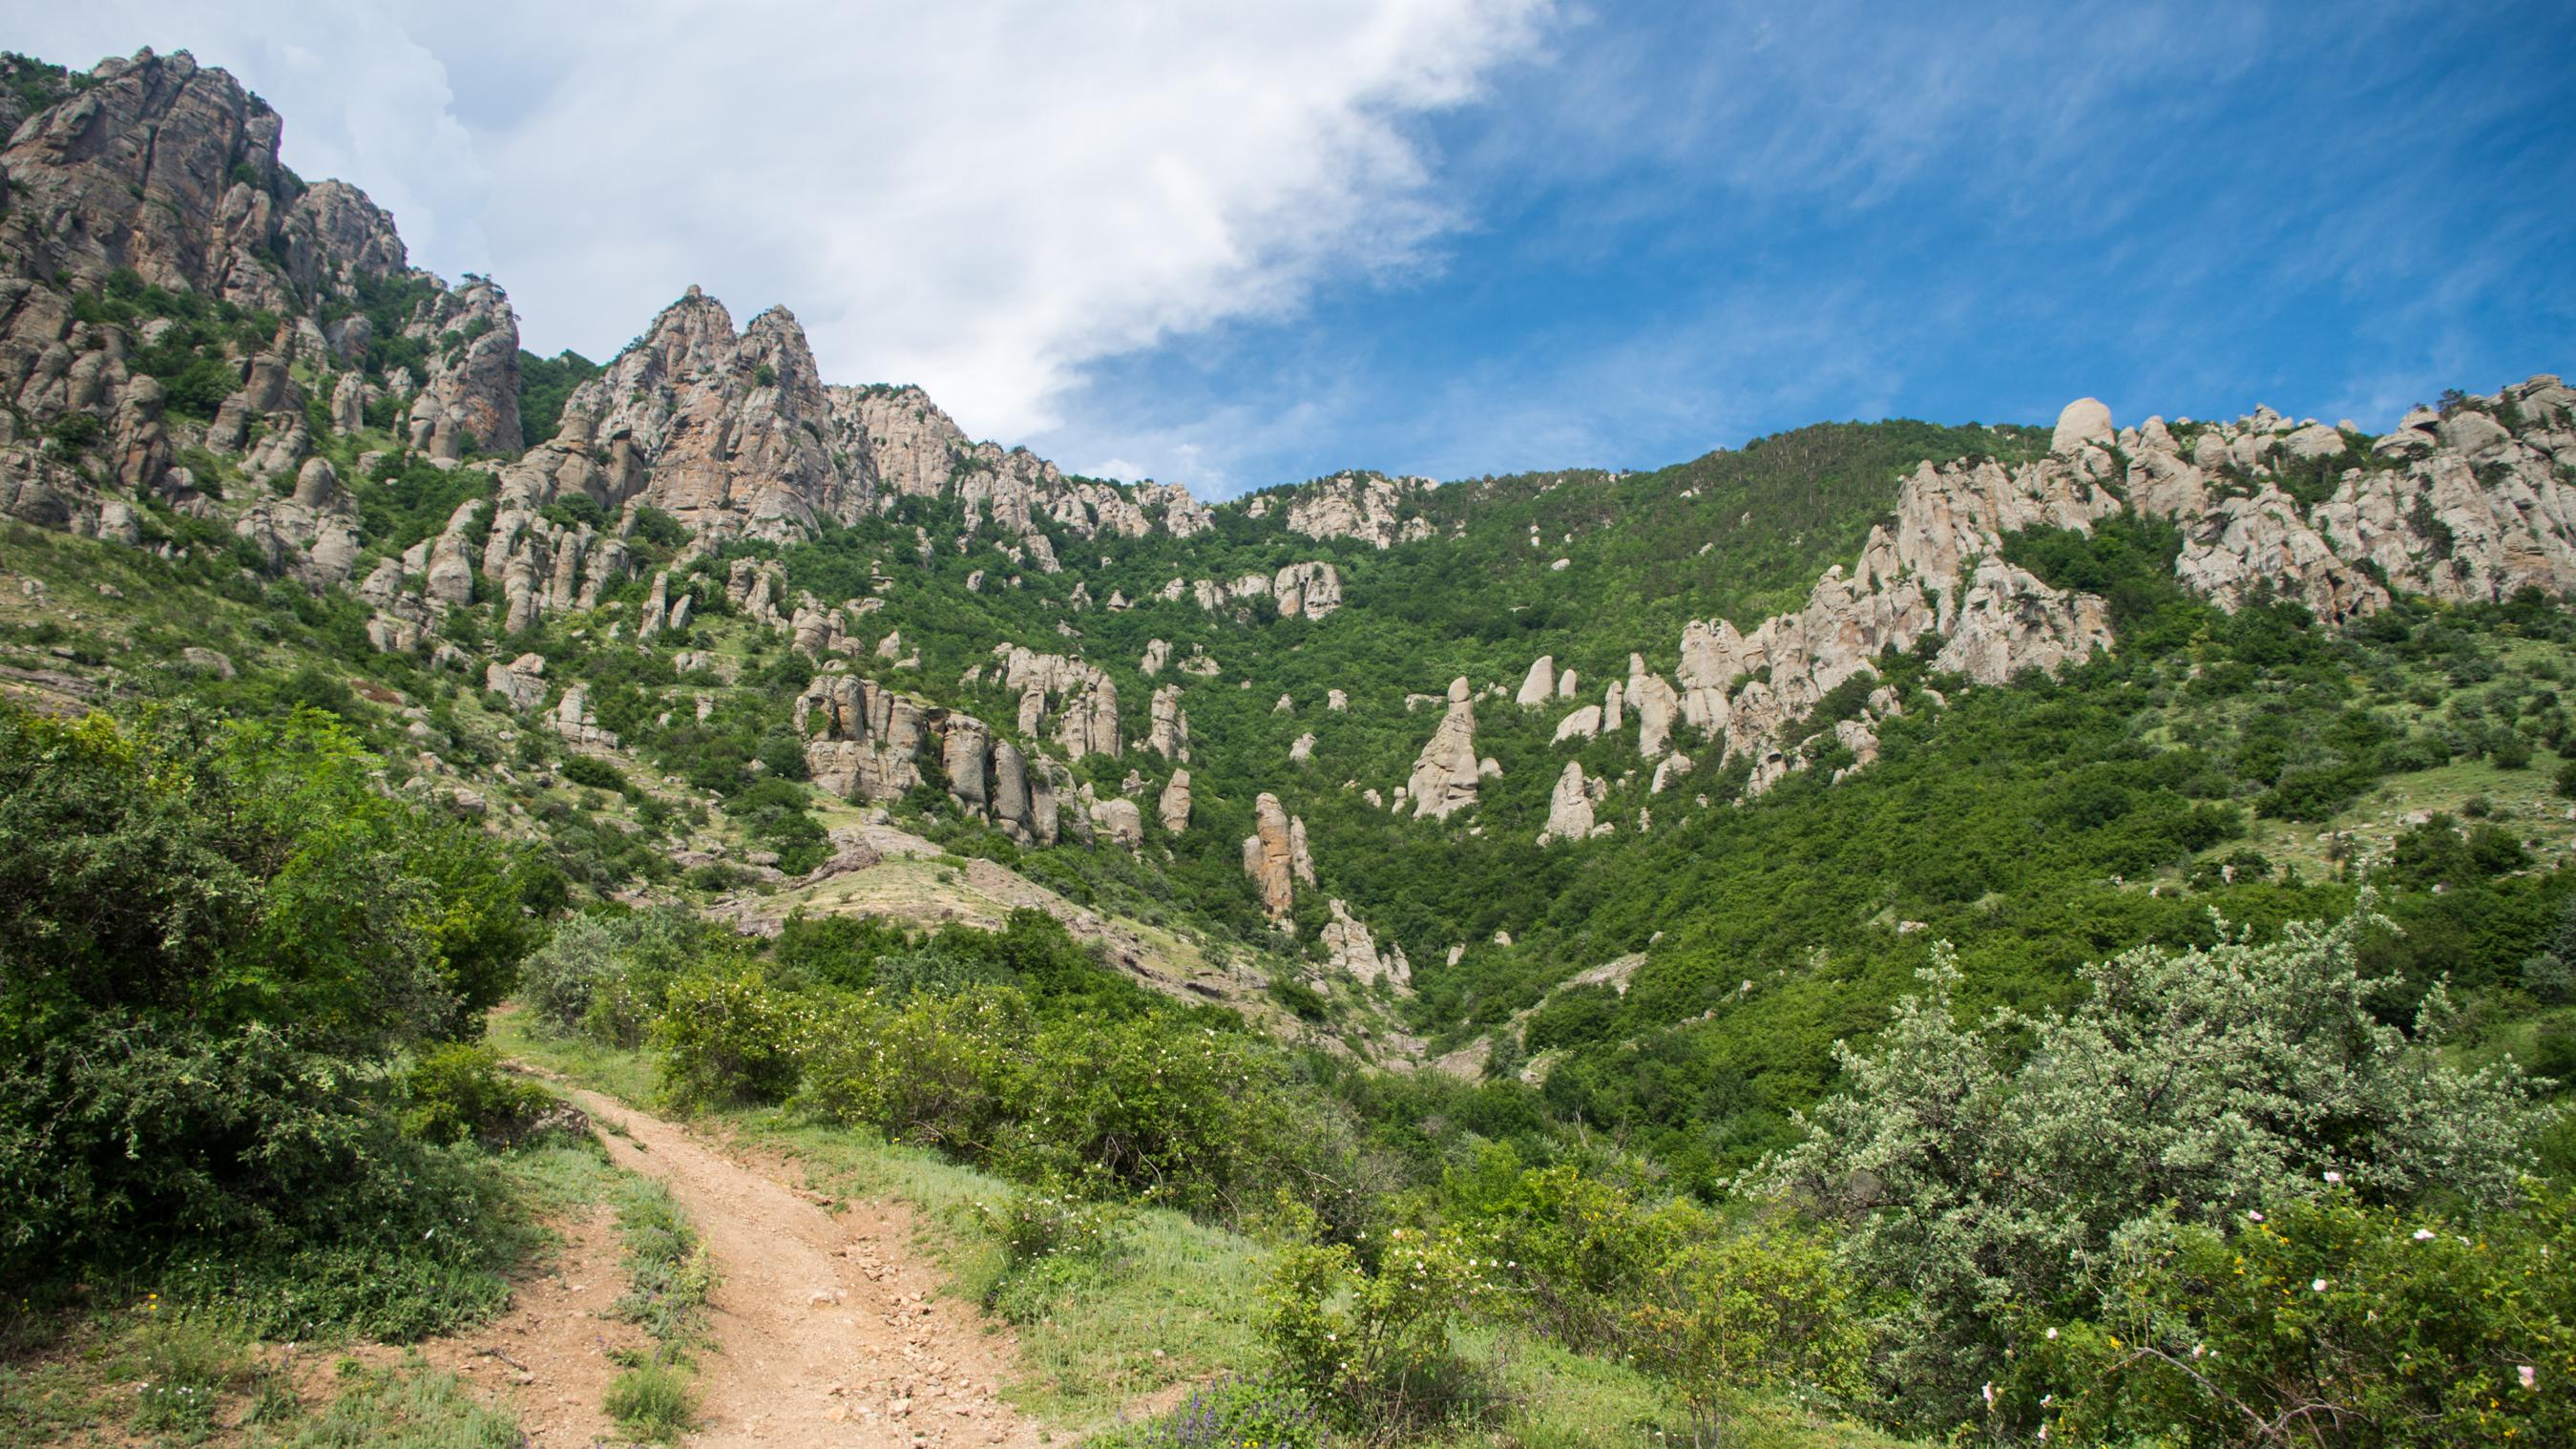 Долина привидений на склоне горы Демерджи, окрестности Алушты, Крым